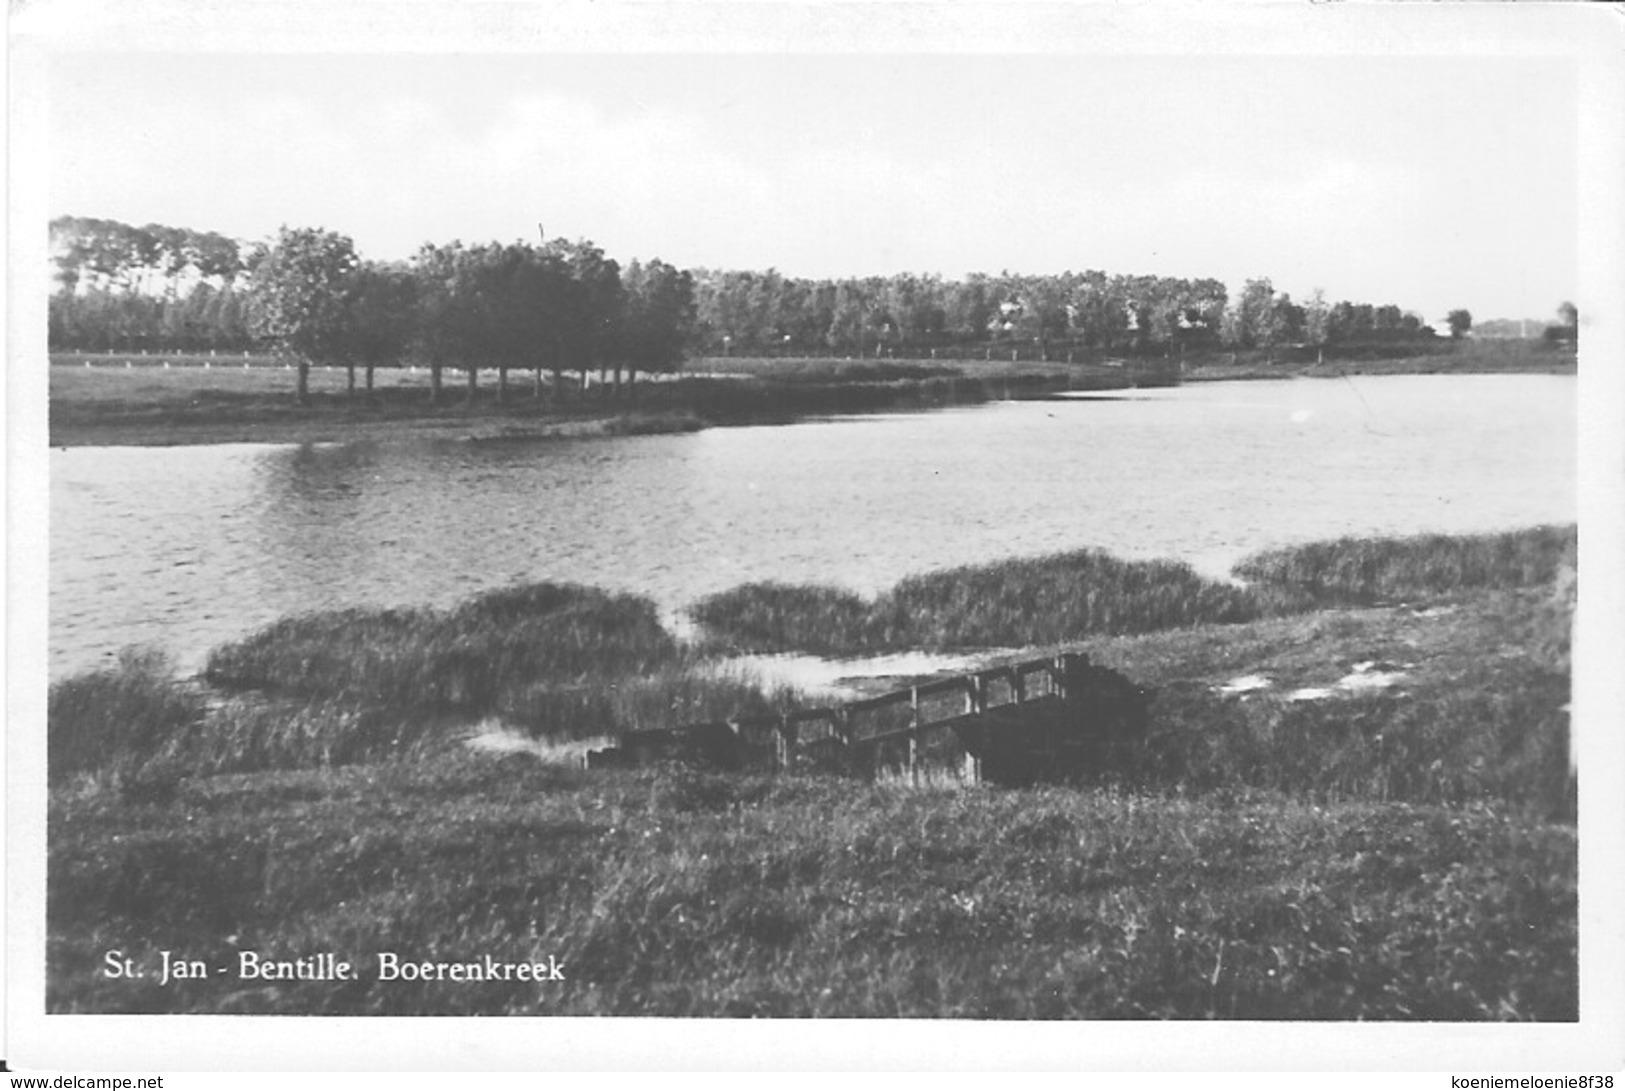 ST. JAN BENTILLE - BOERENKREEK - Belgique